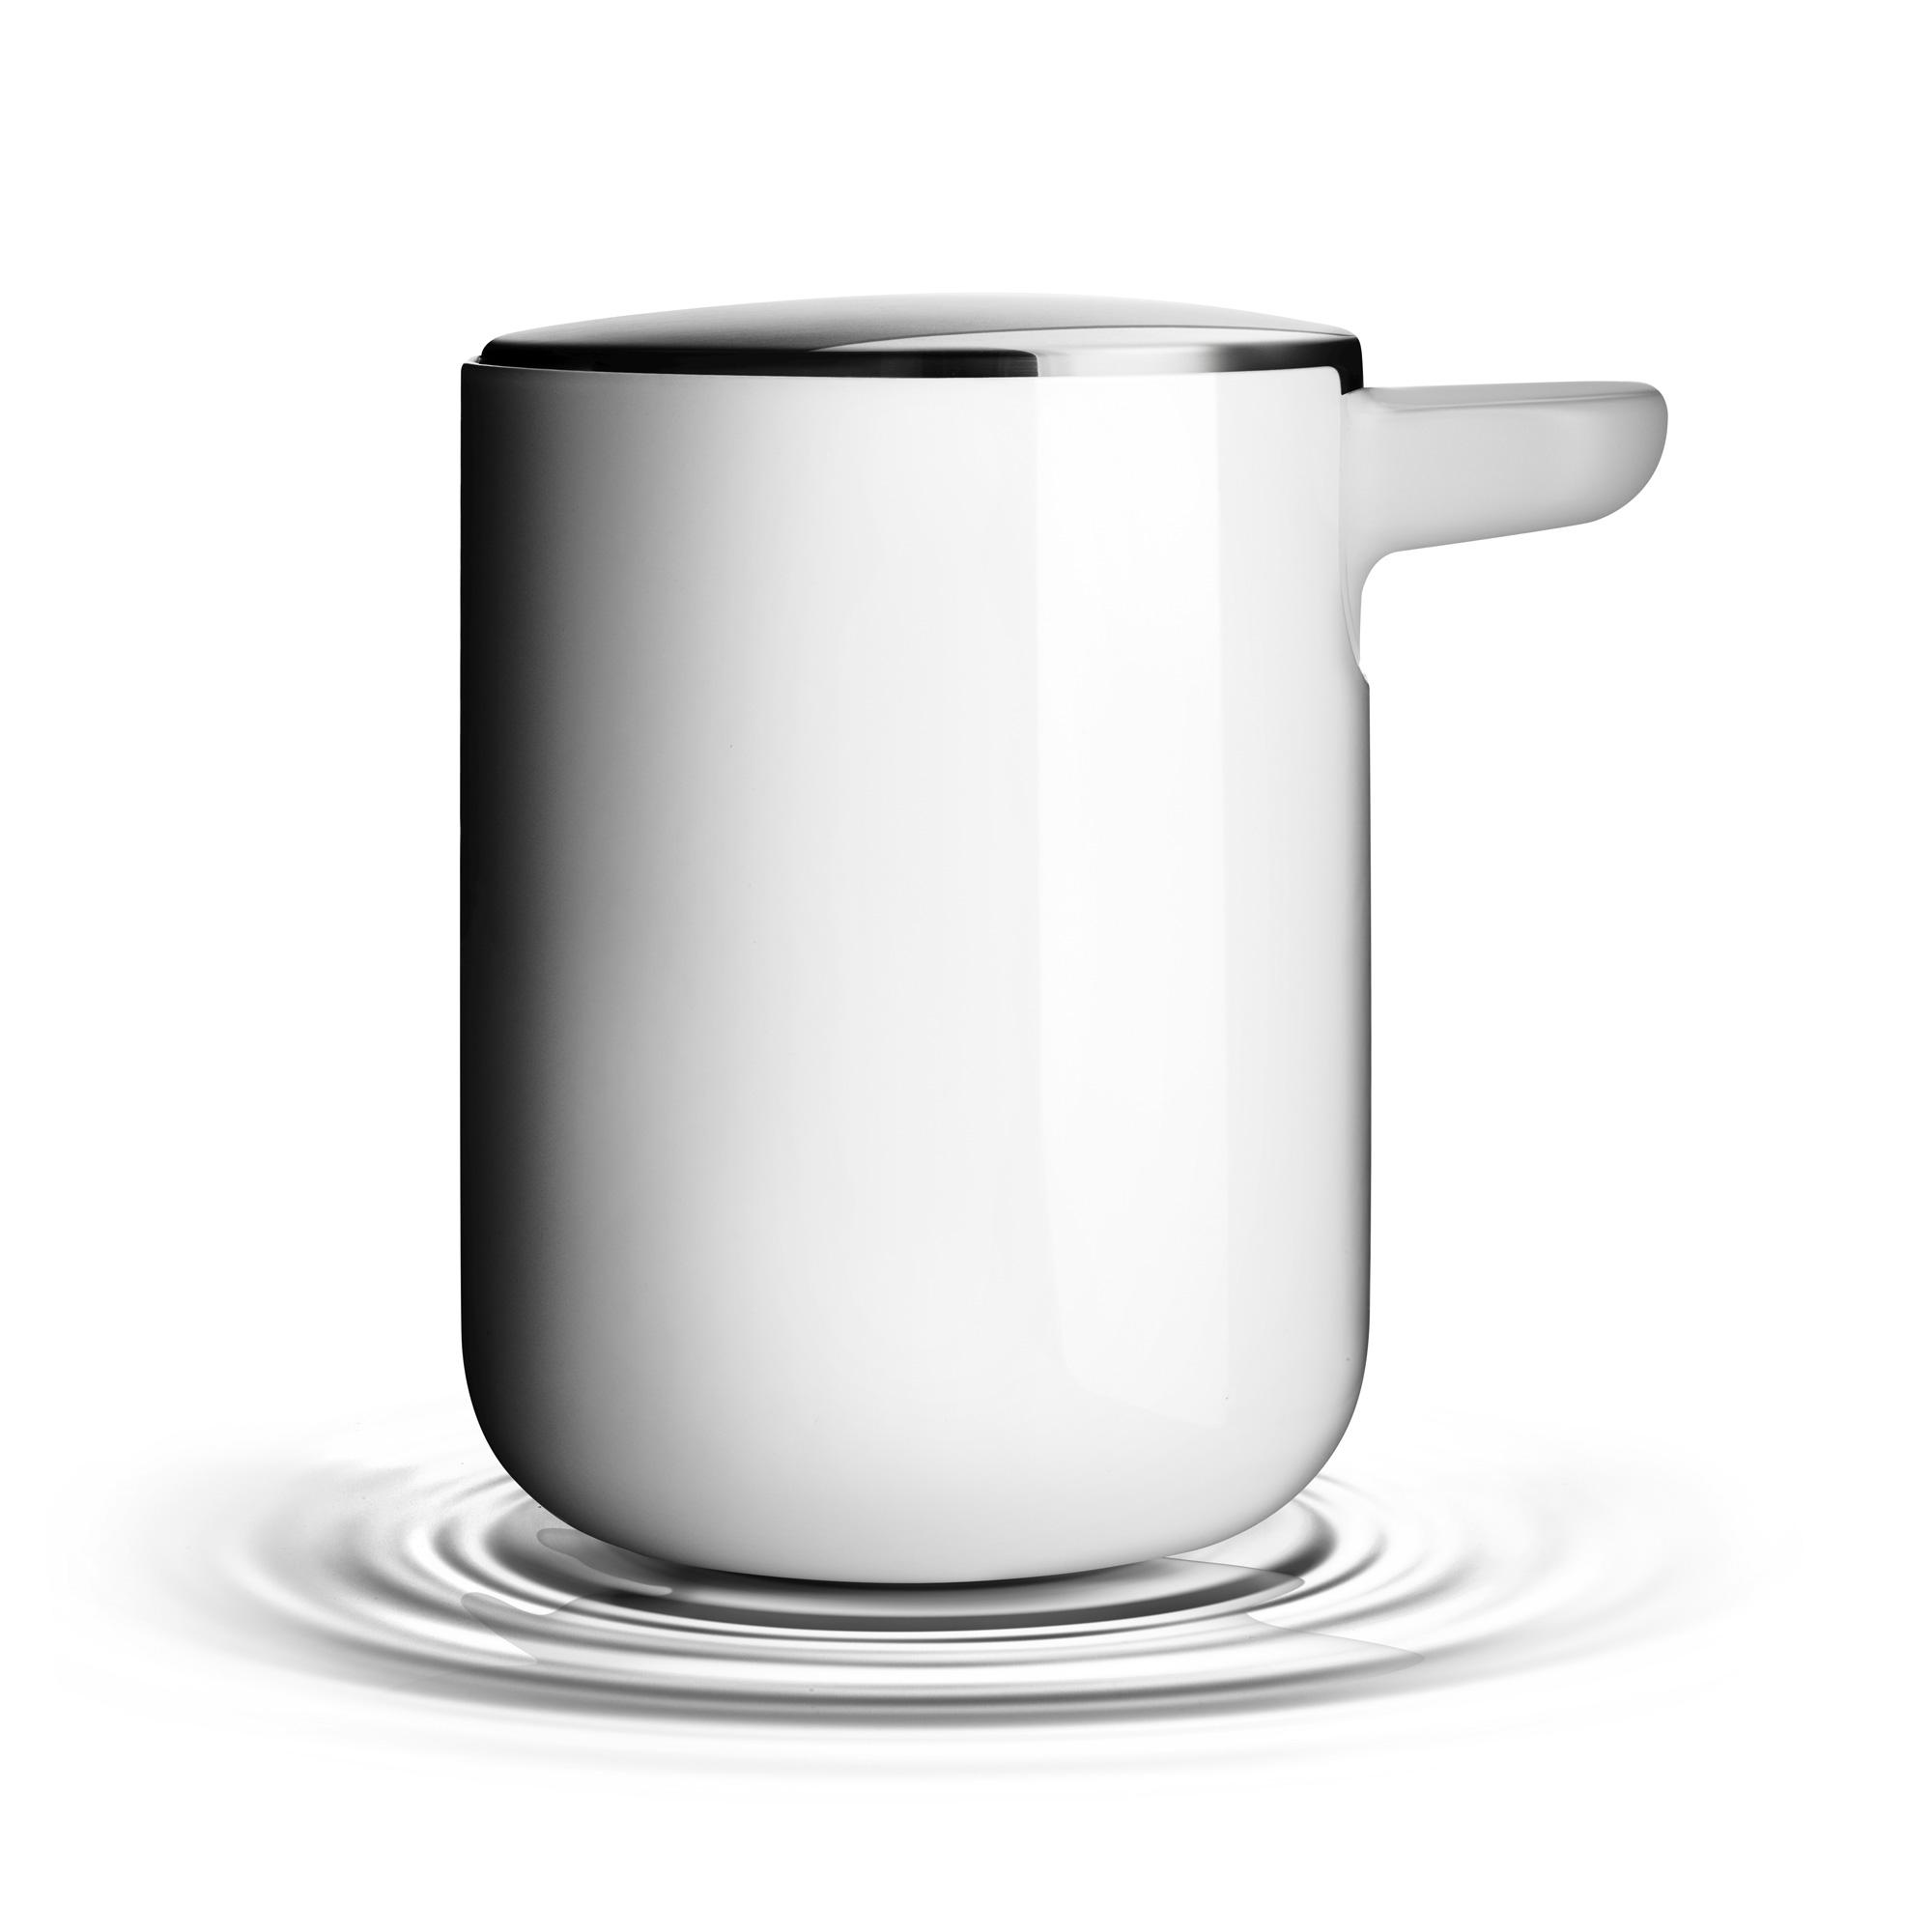 menu comfort seifenspender 7700619 reuter onlineshop. Black Bedroom Furniture Sets. Home Design Ideas